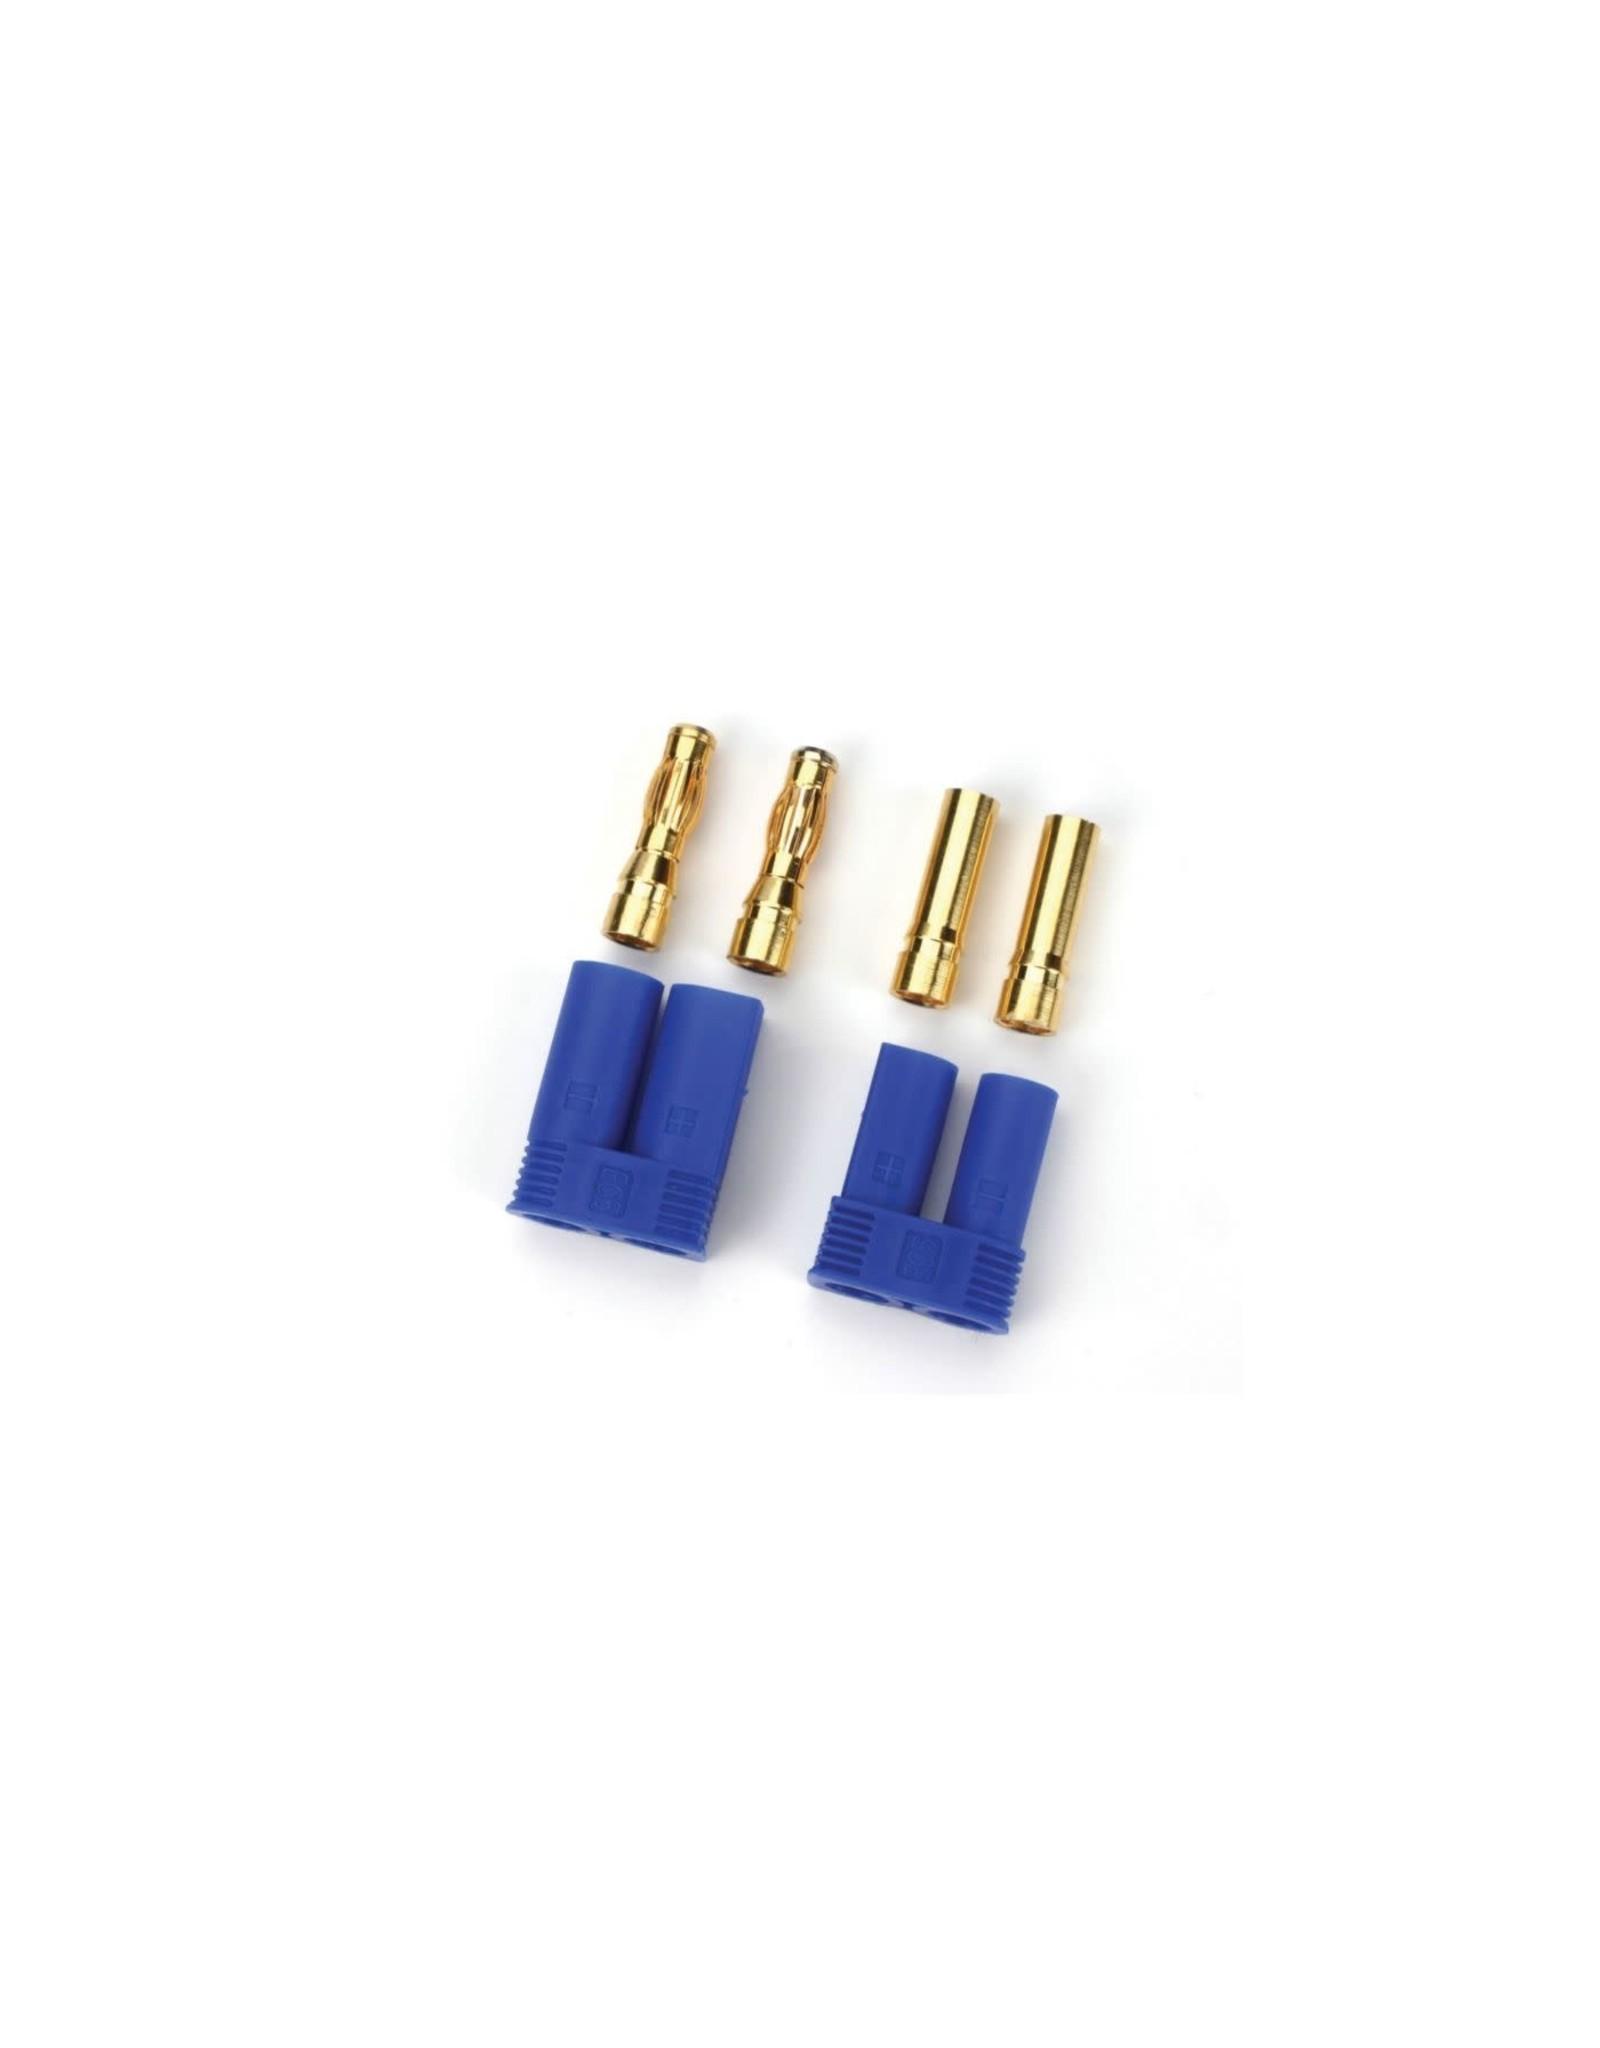 DYN EC5 Device Connector (2)